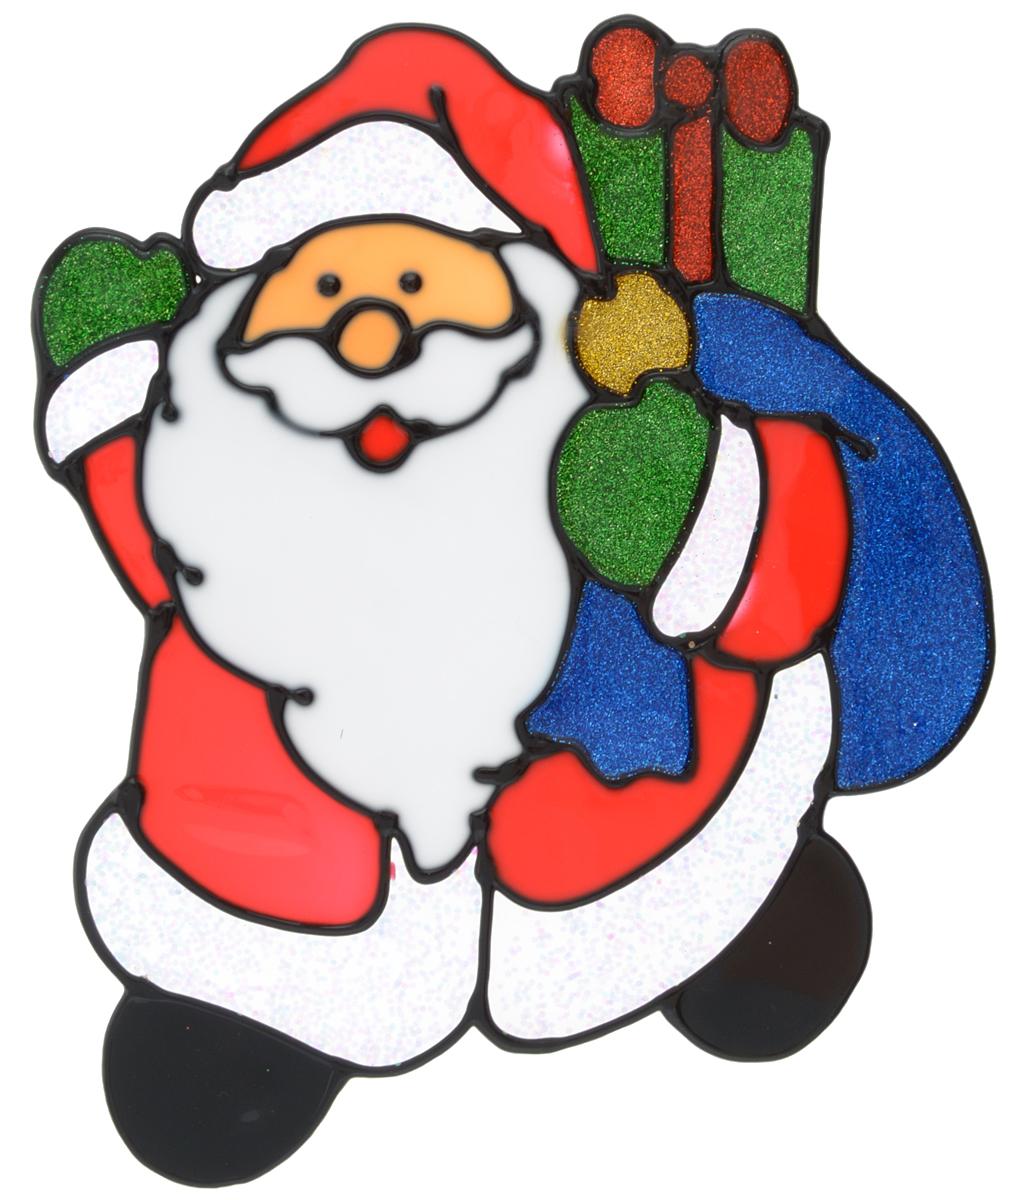 Наклейка на окно Erich Krause Дедушка с подарками, 19 х 15,5 см38187Наклейка на окно Erich Krause Дедушка с подарками выполнена в виде Деда Мороза с мешком подарков.С помощью больших витражных наклеек на окно Erich Krause можно составлять на стекле целые зимние сюжеты, которые будут радовать глаз, и поднимать настроение в праздничные дни! Так же Вы можете преподнести этот сувенир в качестве мини-презента коллегам, близким и друзьям с пожеланиями счастливого Нового Года!Размер наклейки: 19 х 15,5 см